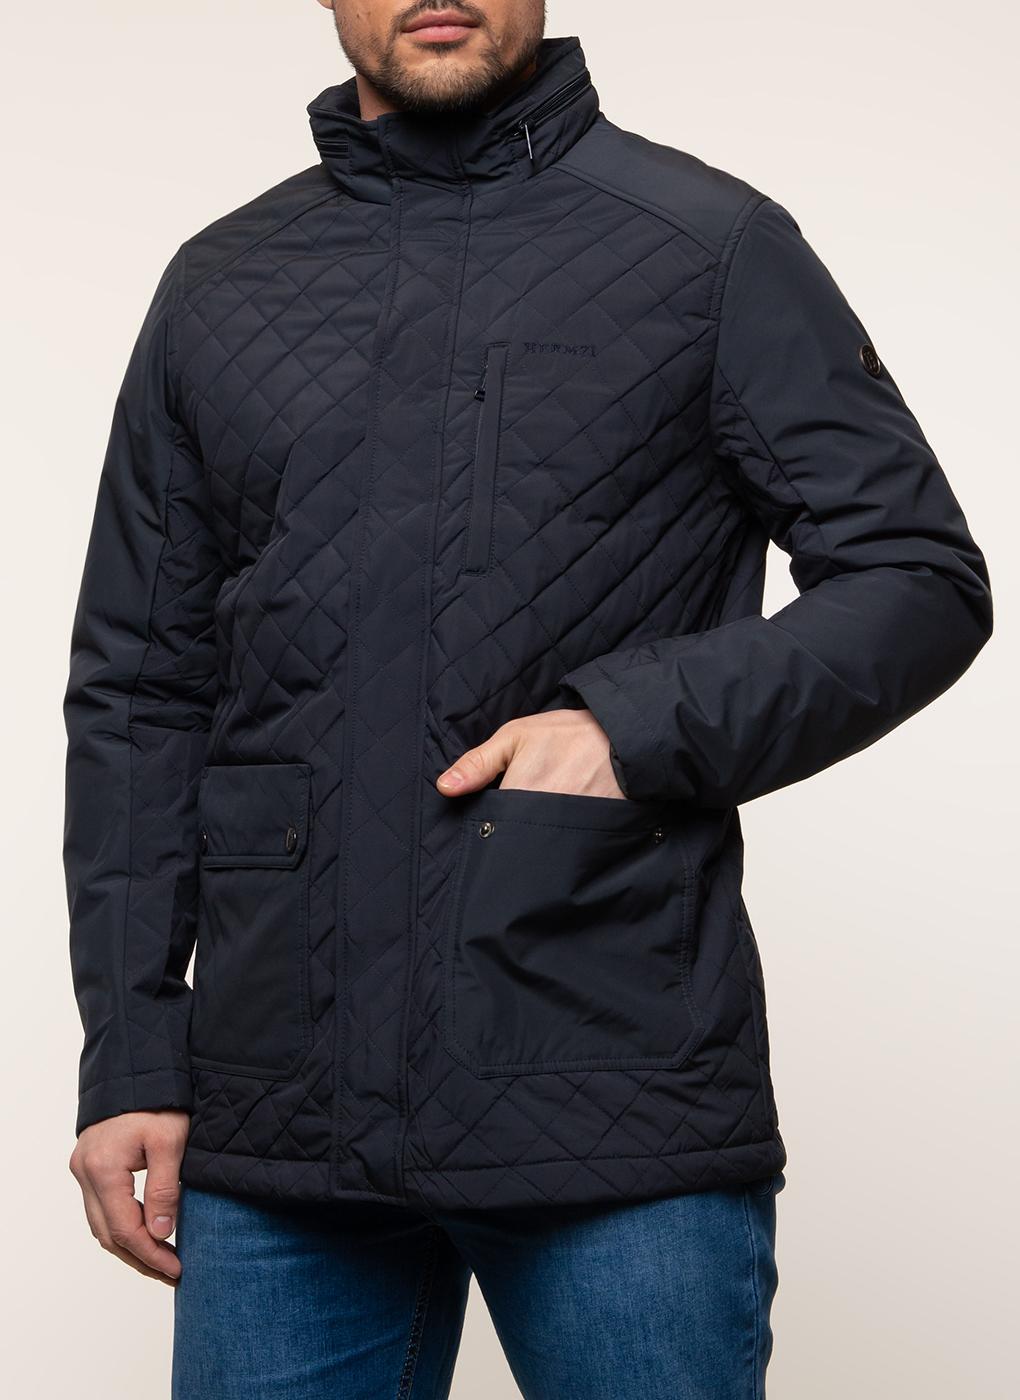 Куртка мужская утепленная 12, Hermzi фото